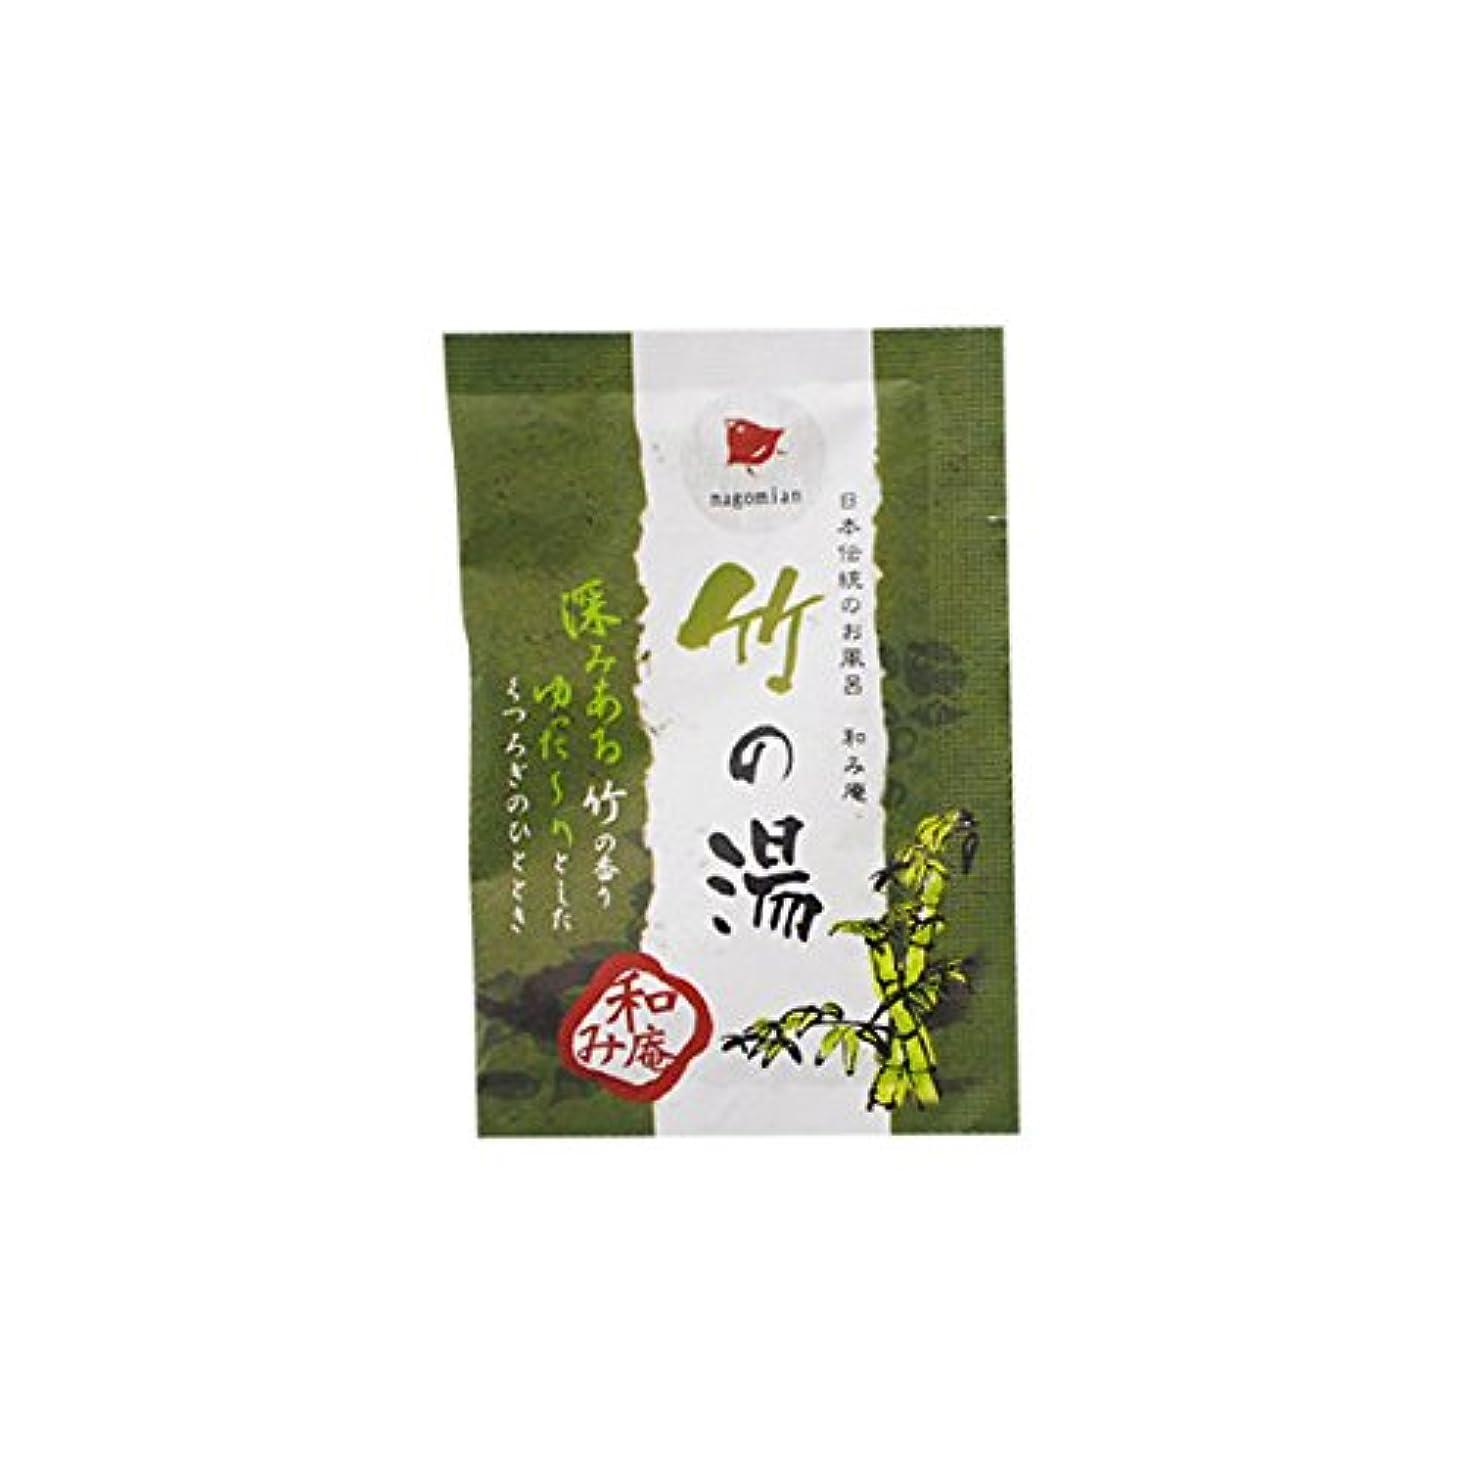 風変わりな思慮深いパンフレット和み庵 入浴剤 「竹の湯」30個